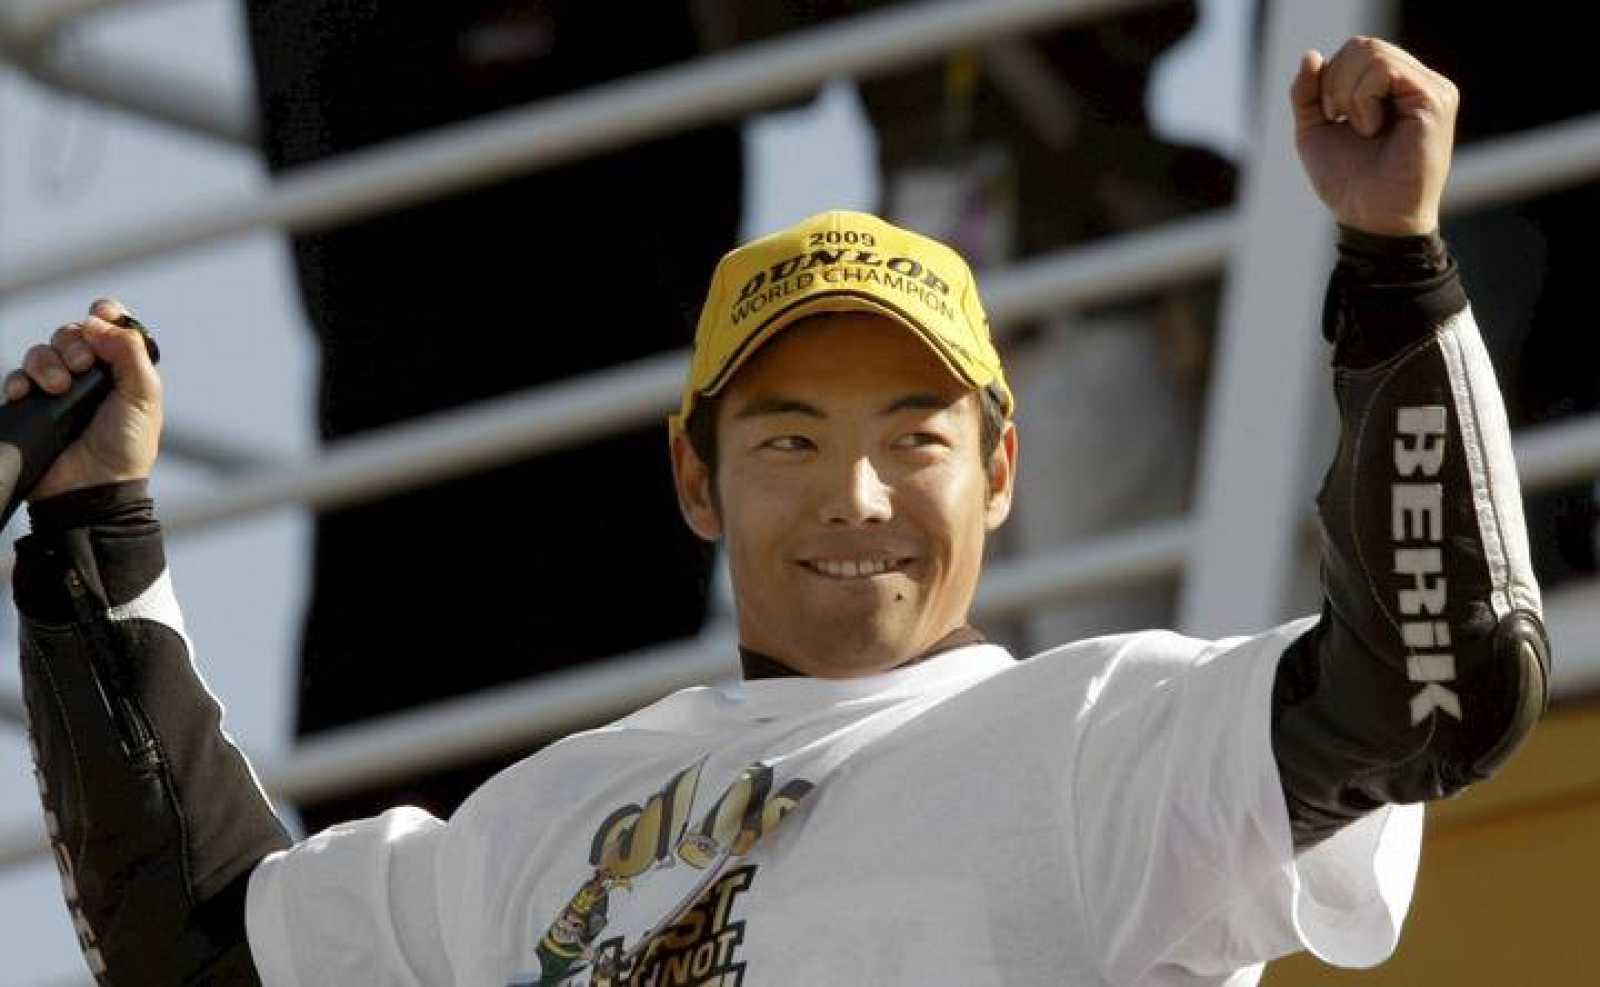 El piloto japonés Hiroshi Aoyama celebra su título de campeón del mundial de 250 cc.